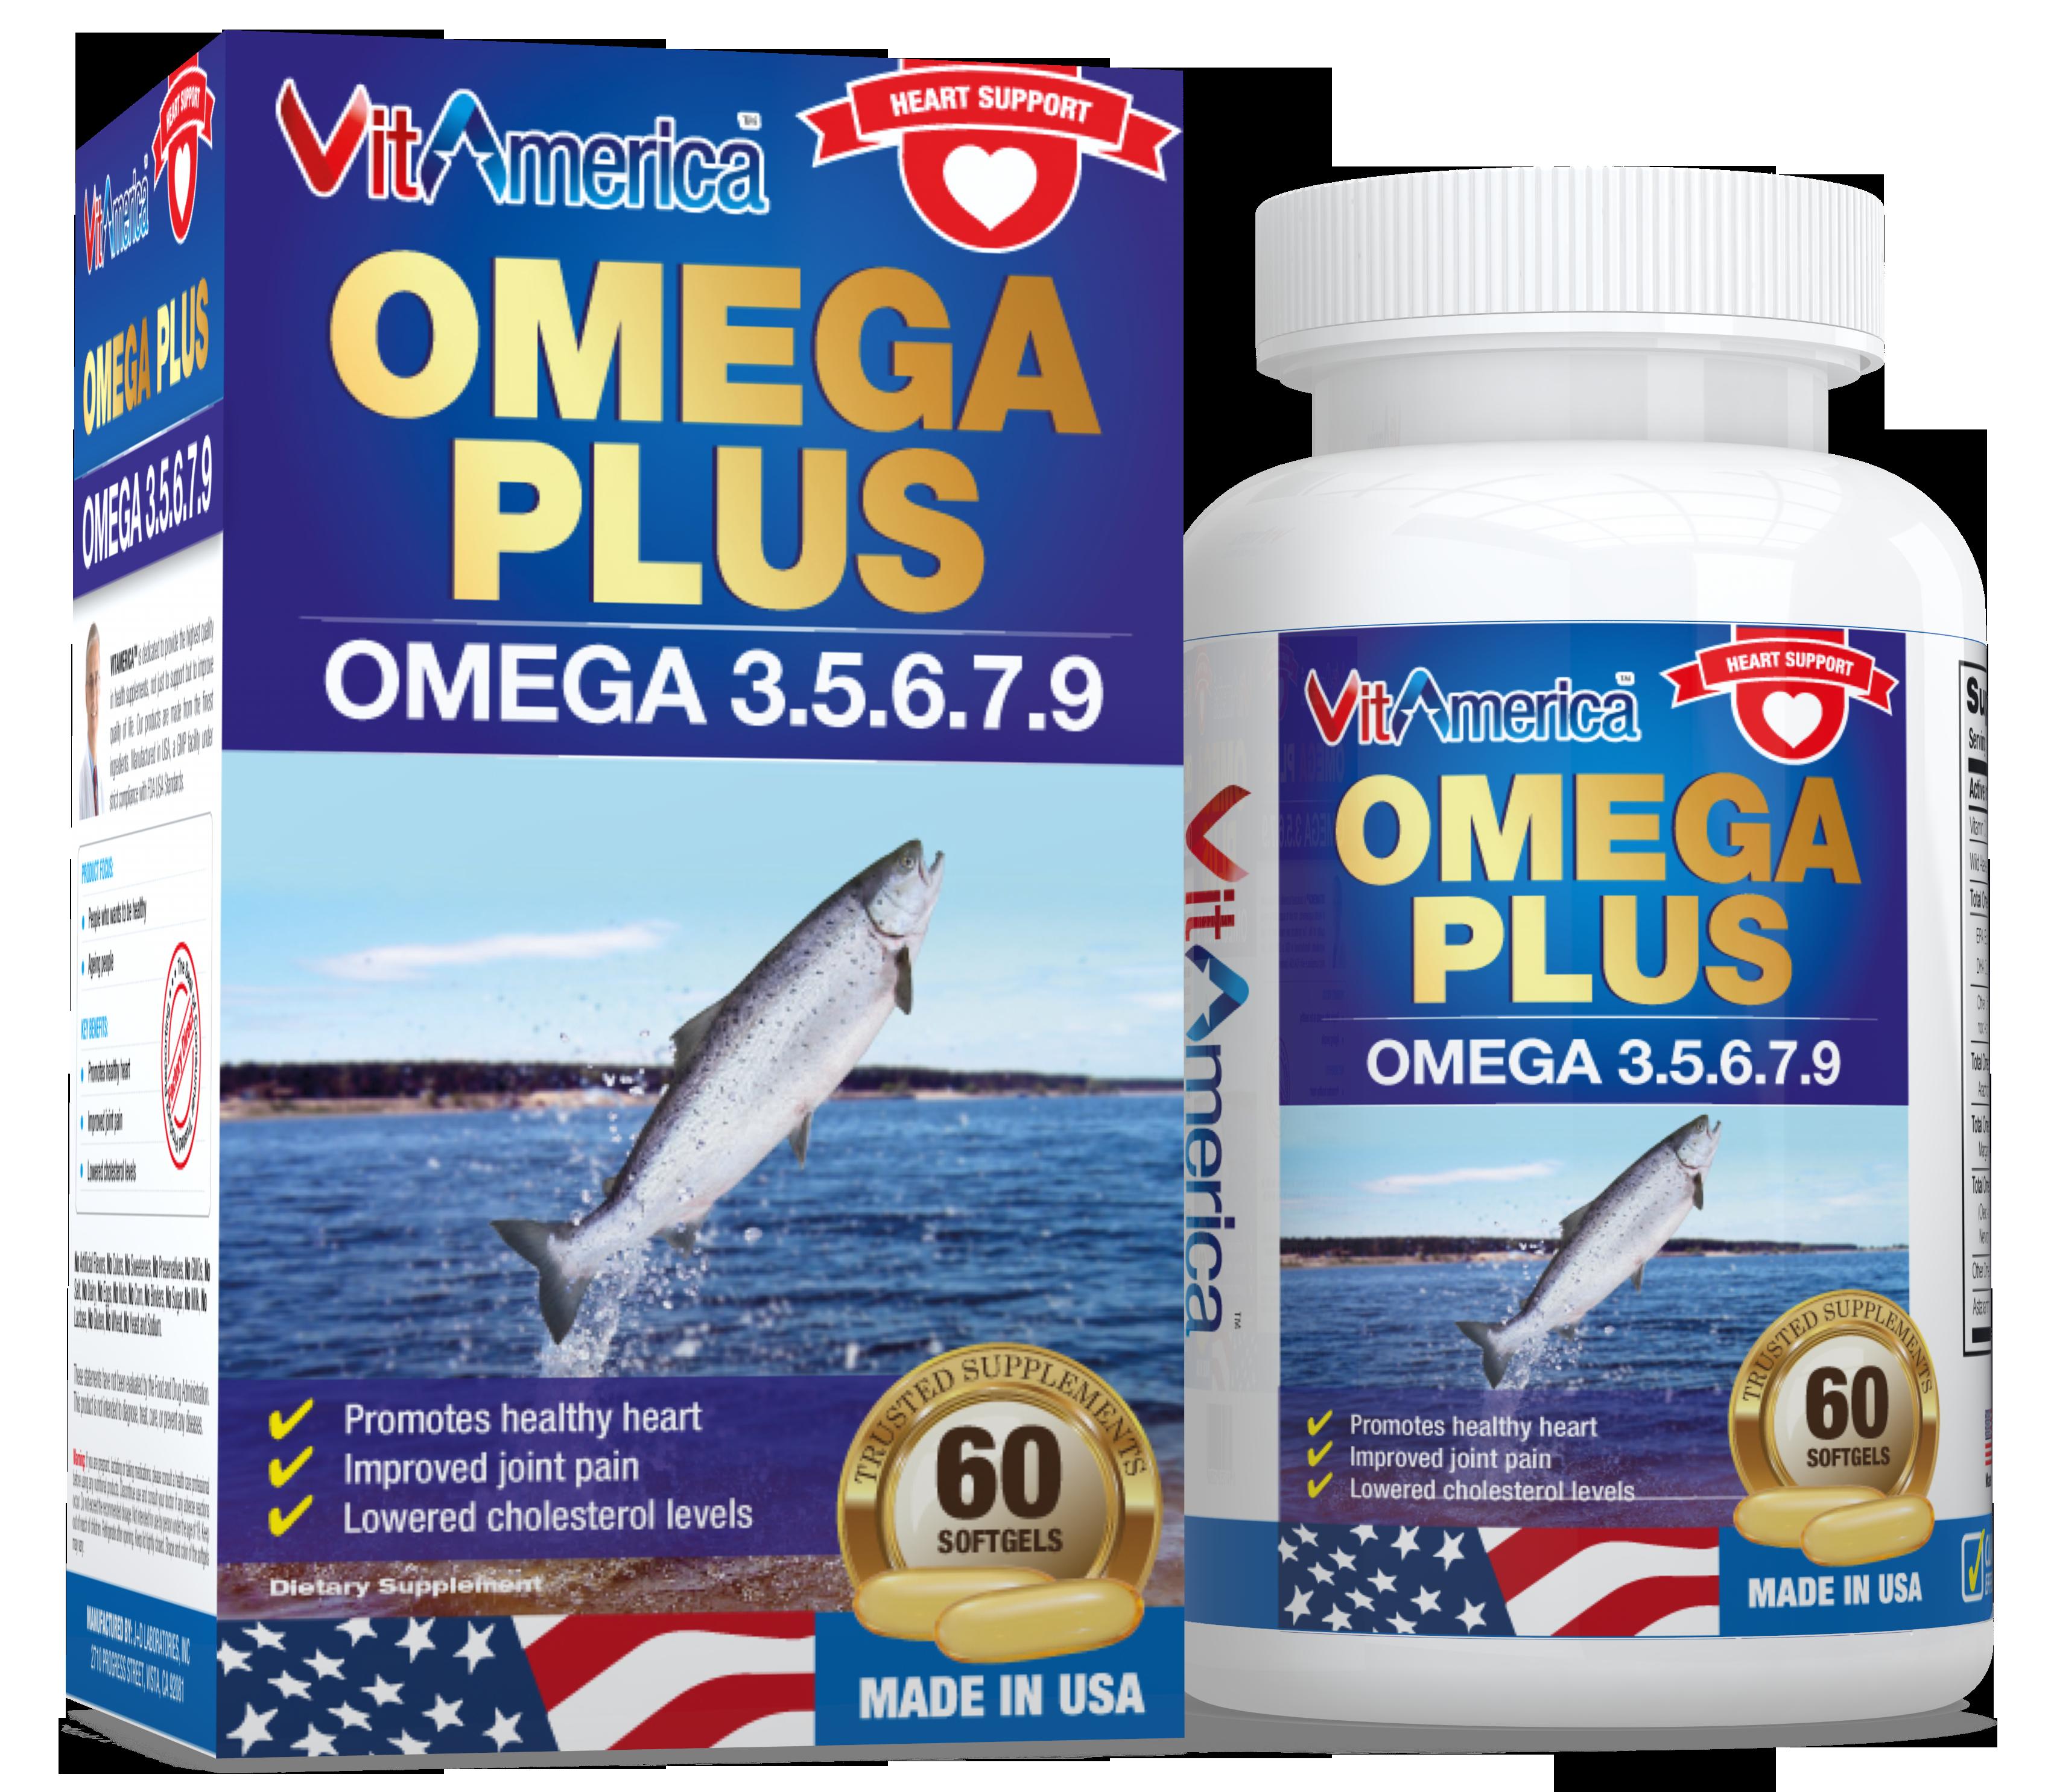 omega-plus-omega-35679